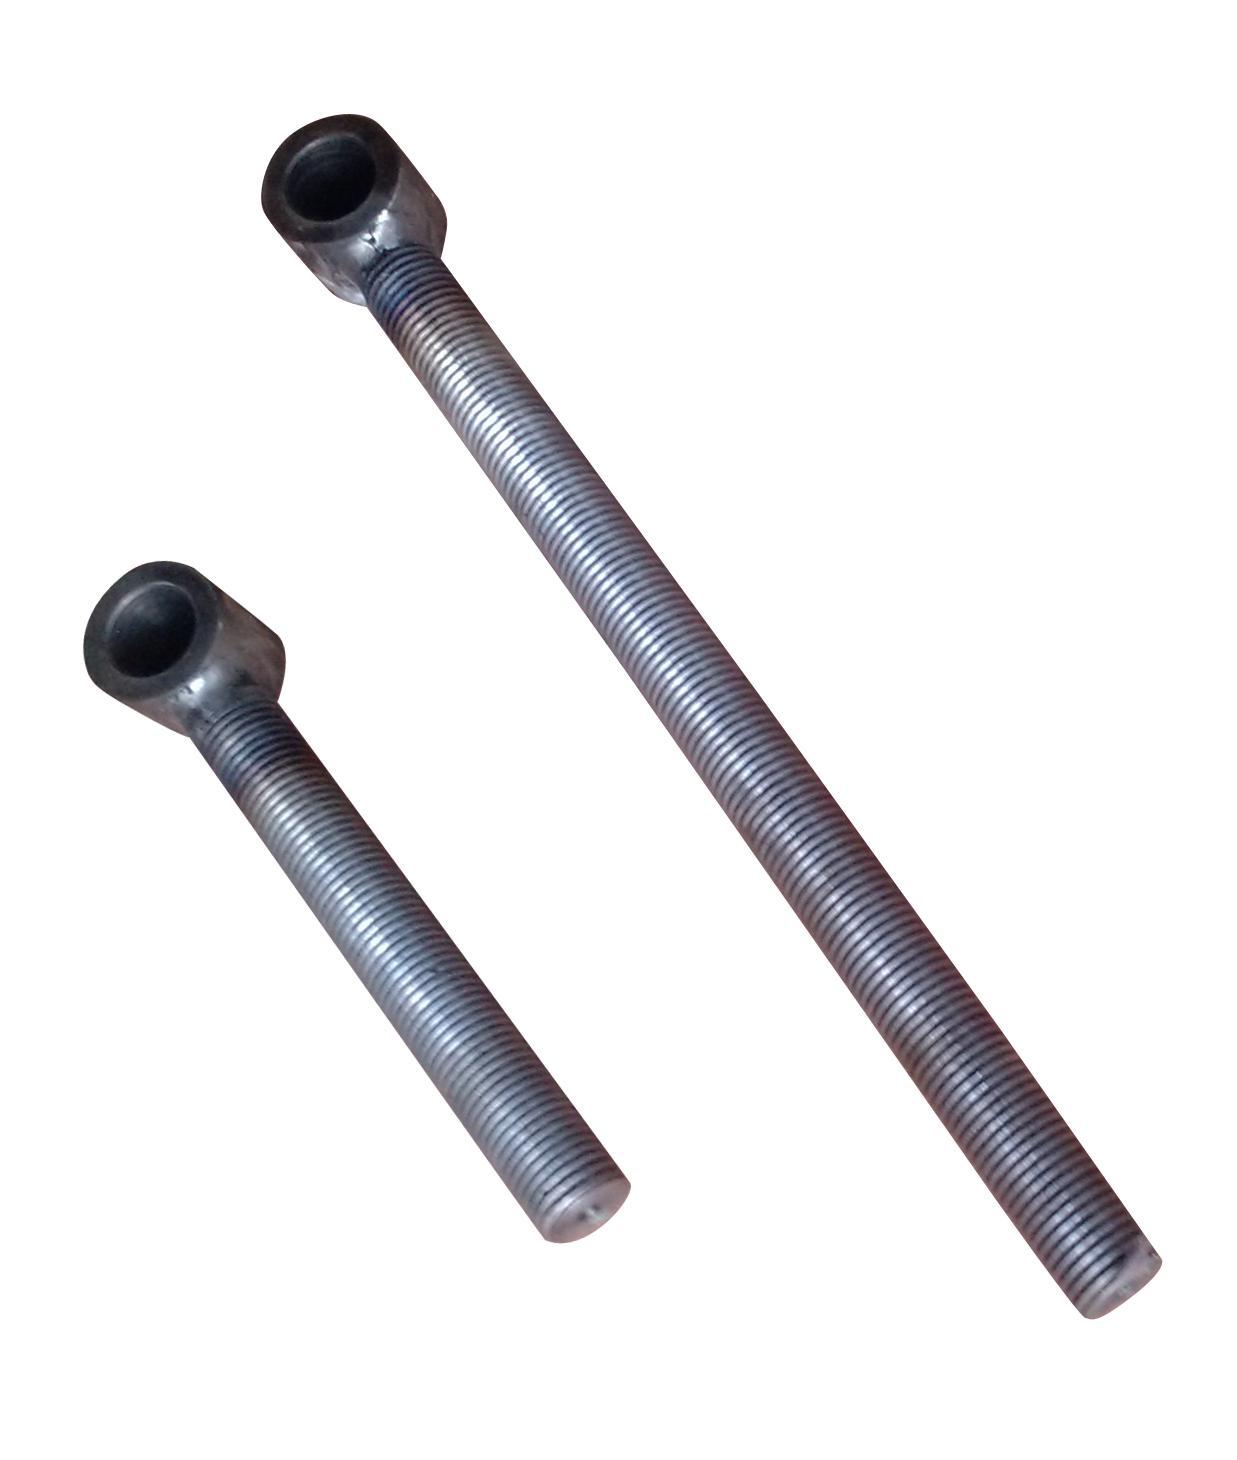 Metso bolt, eye bolt 3